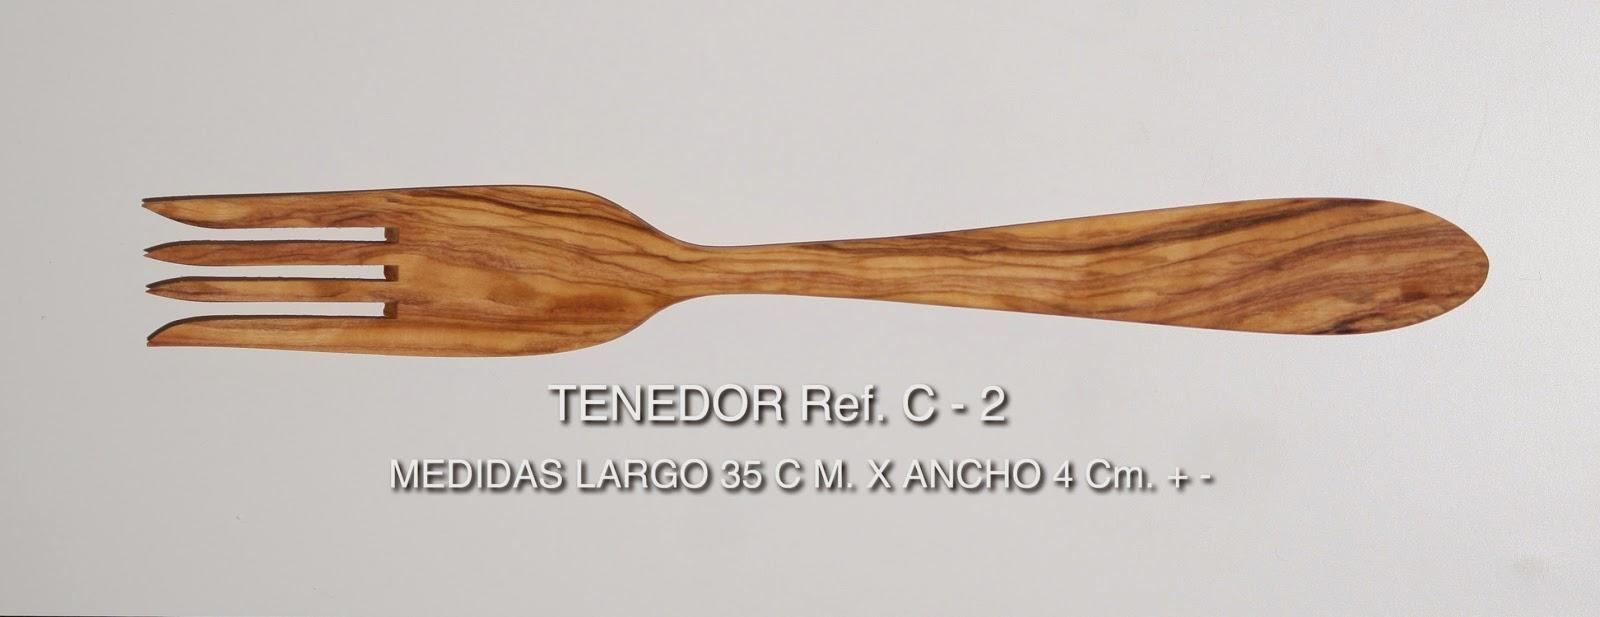 TENEDOR Ref. f-2